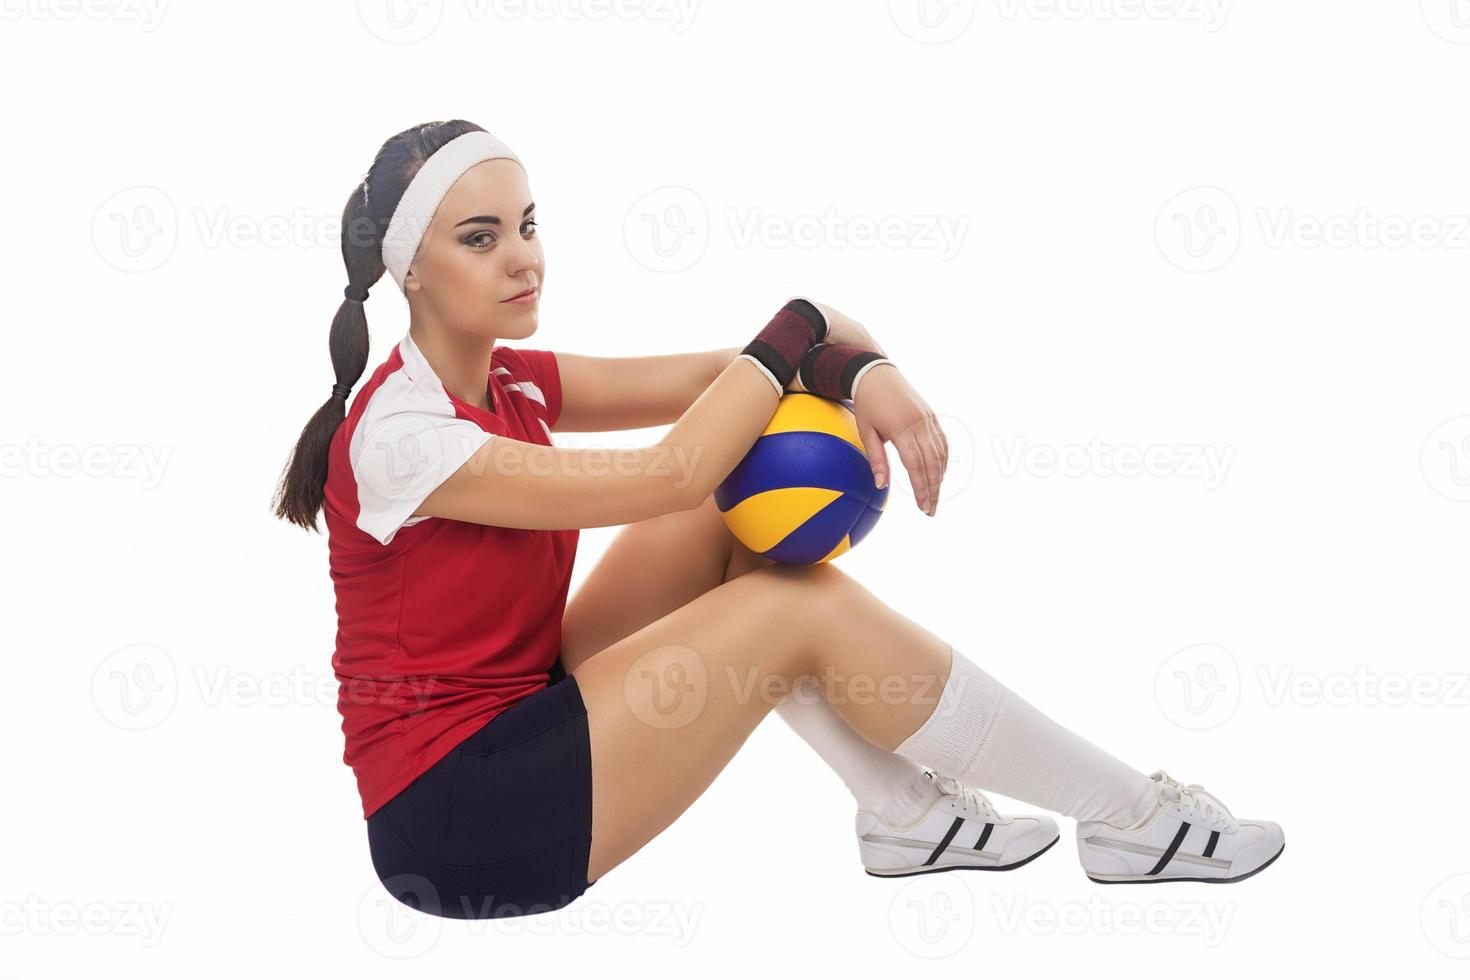 Porträt einer kaukasischen professionellen Volleyballspielerin im Volleyball-Outfit foto